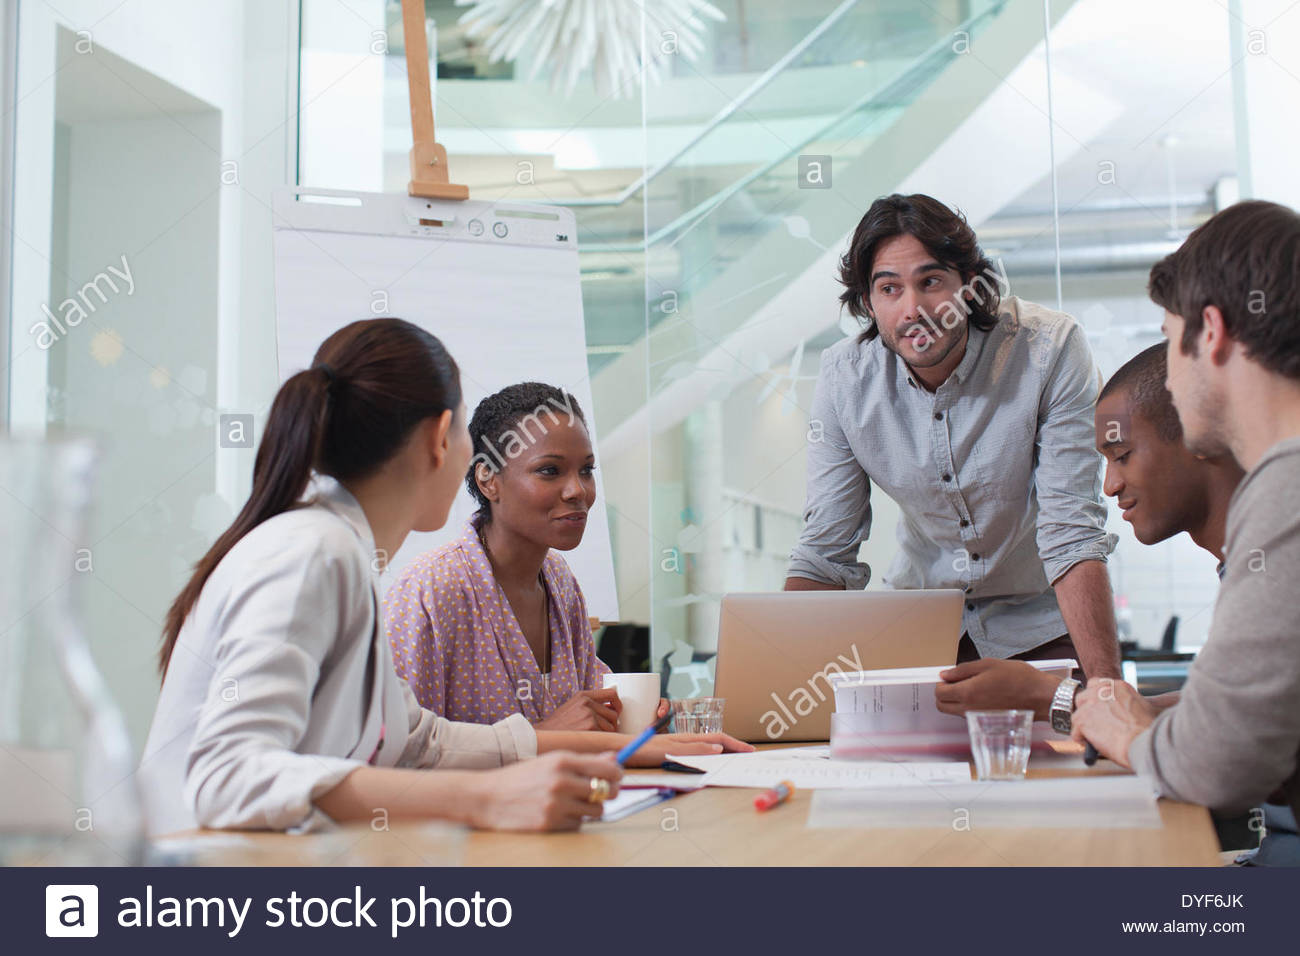 La gente de negocios en la sala de reunión Imagen De Stock